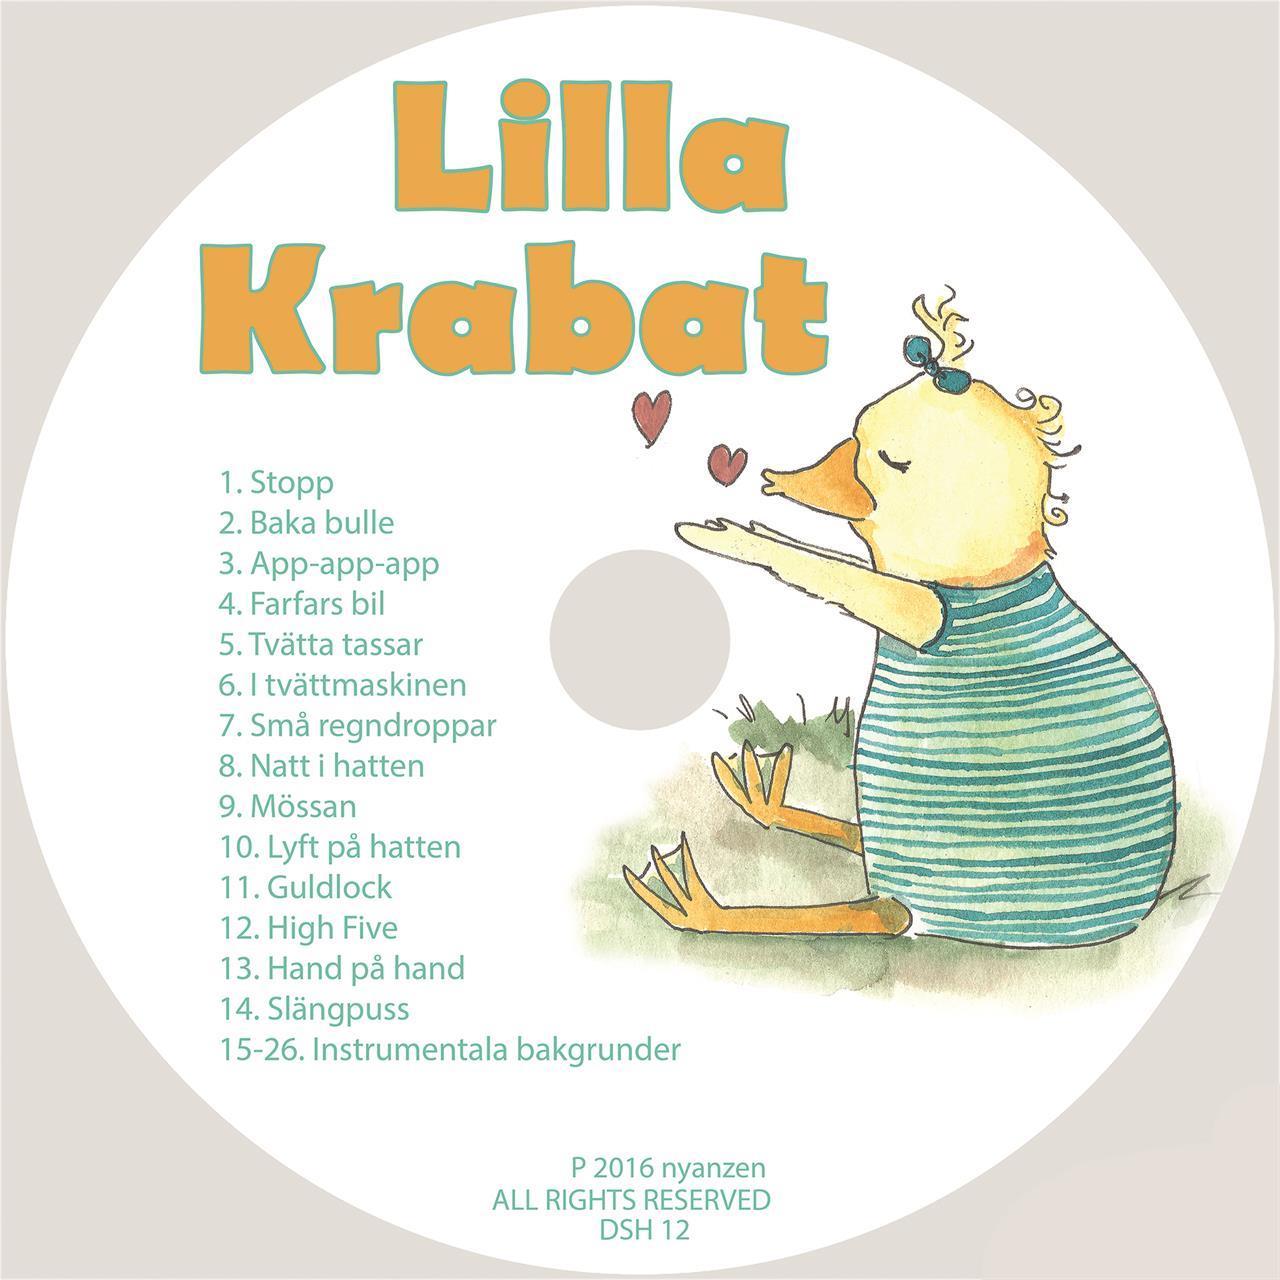 Lilla Krabat Cd/Digital musik